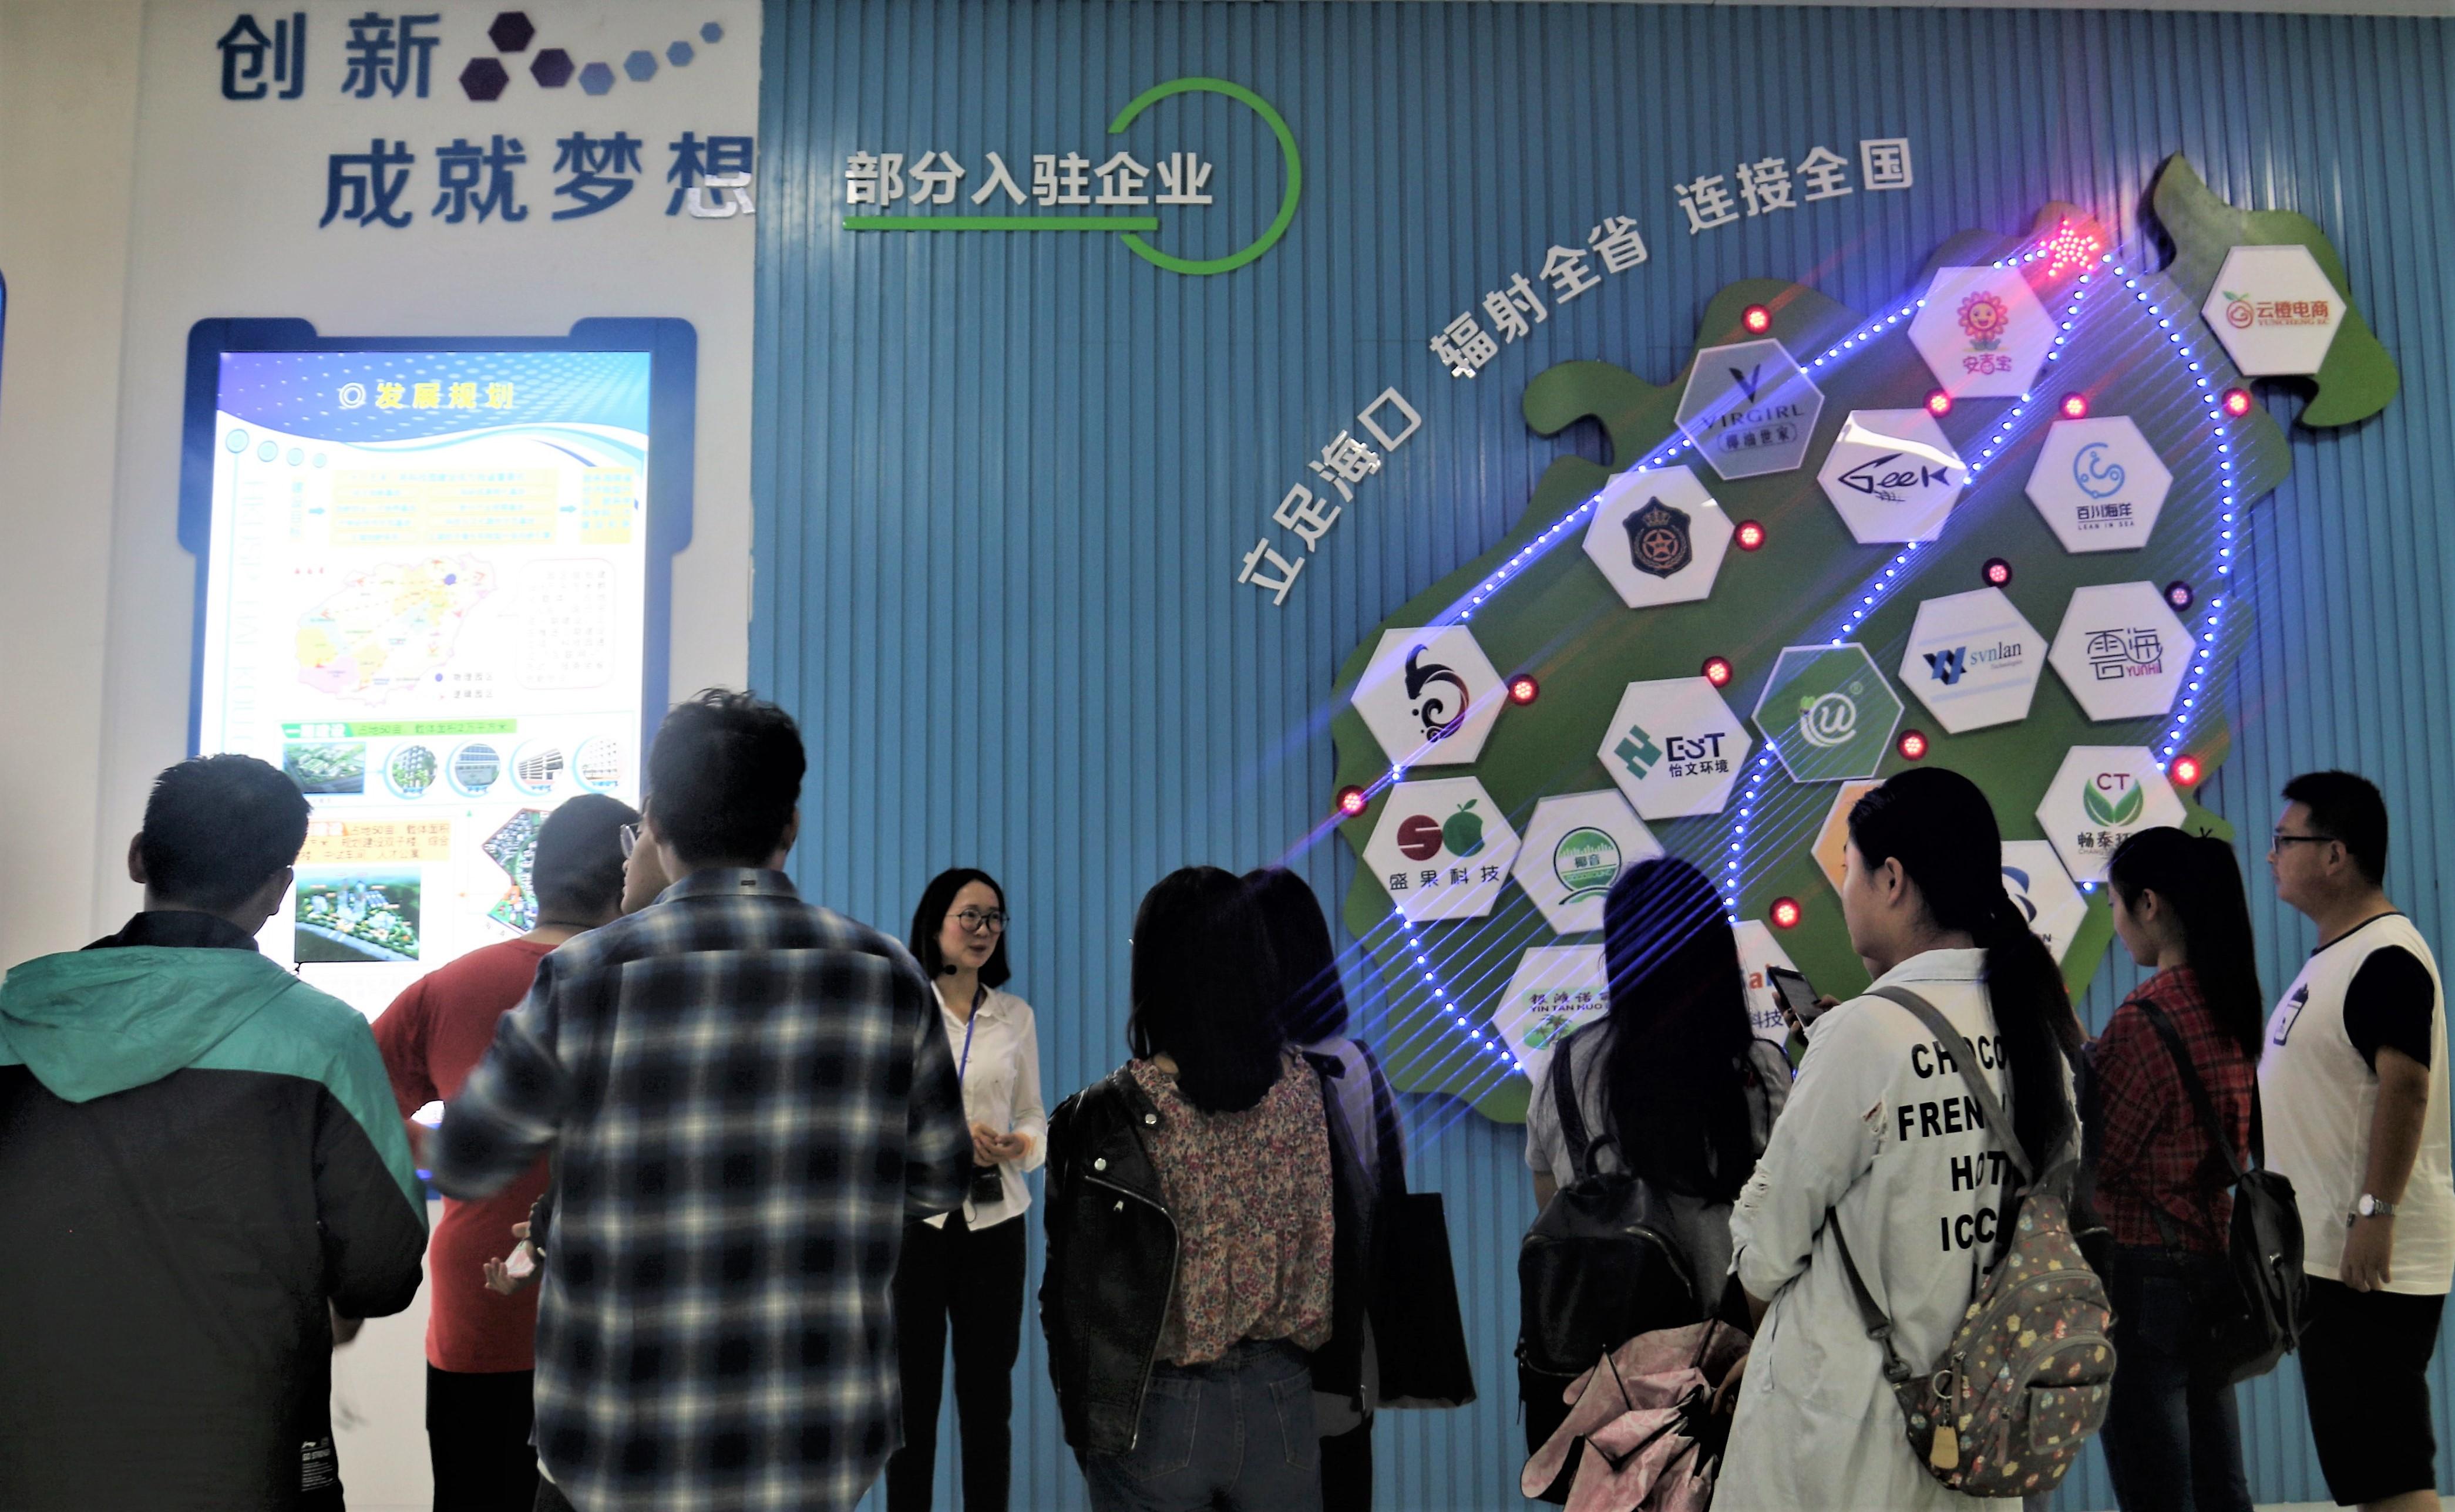 游科技园,体会科技魅力  新闻传播与影视学院新生参观国家大学科技园